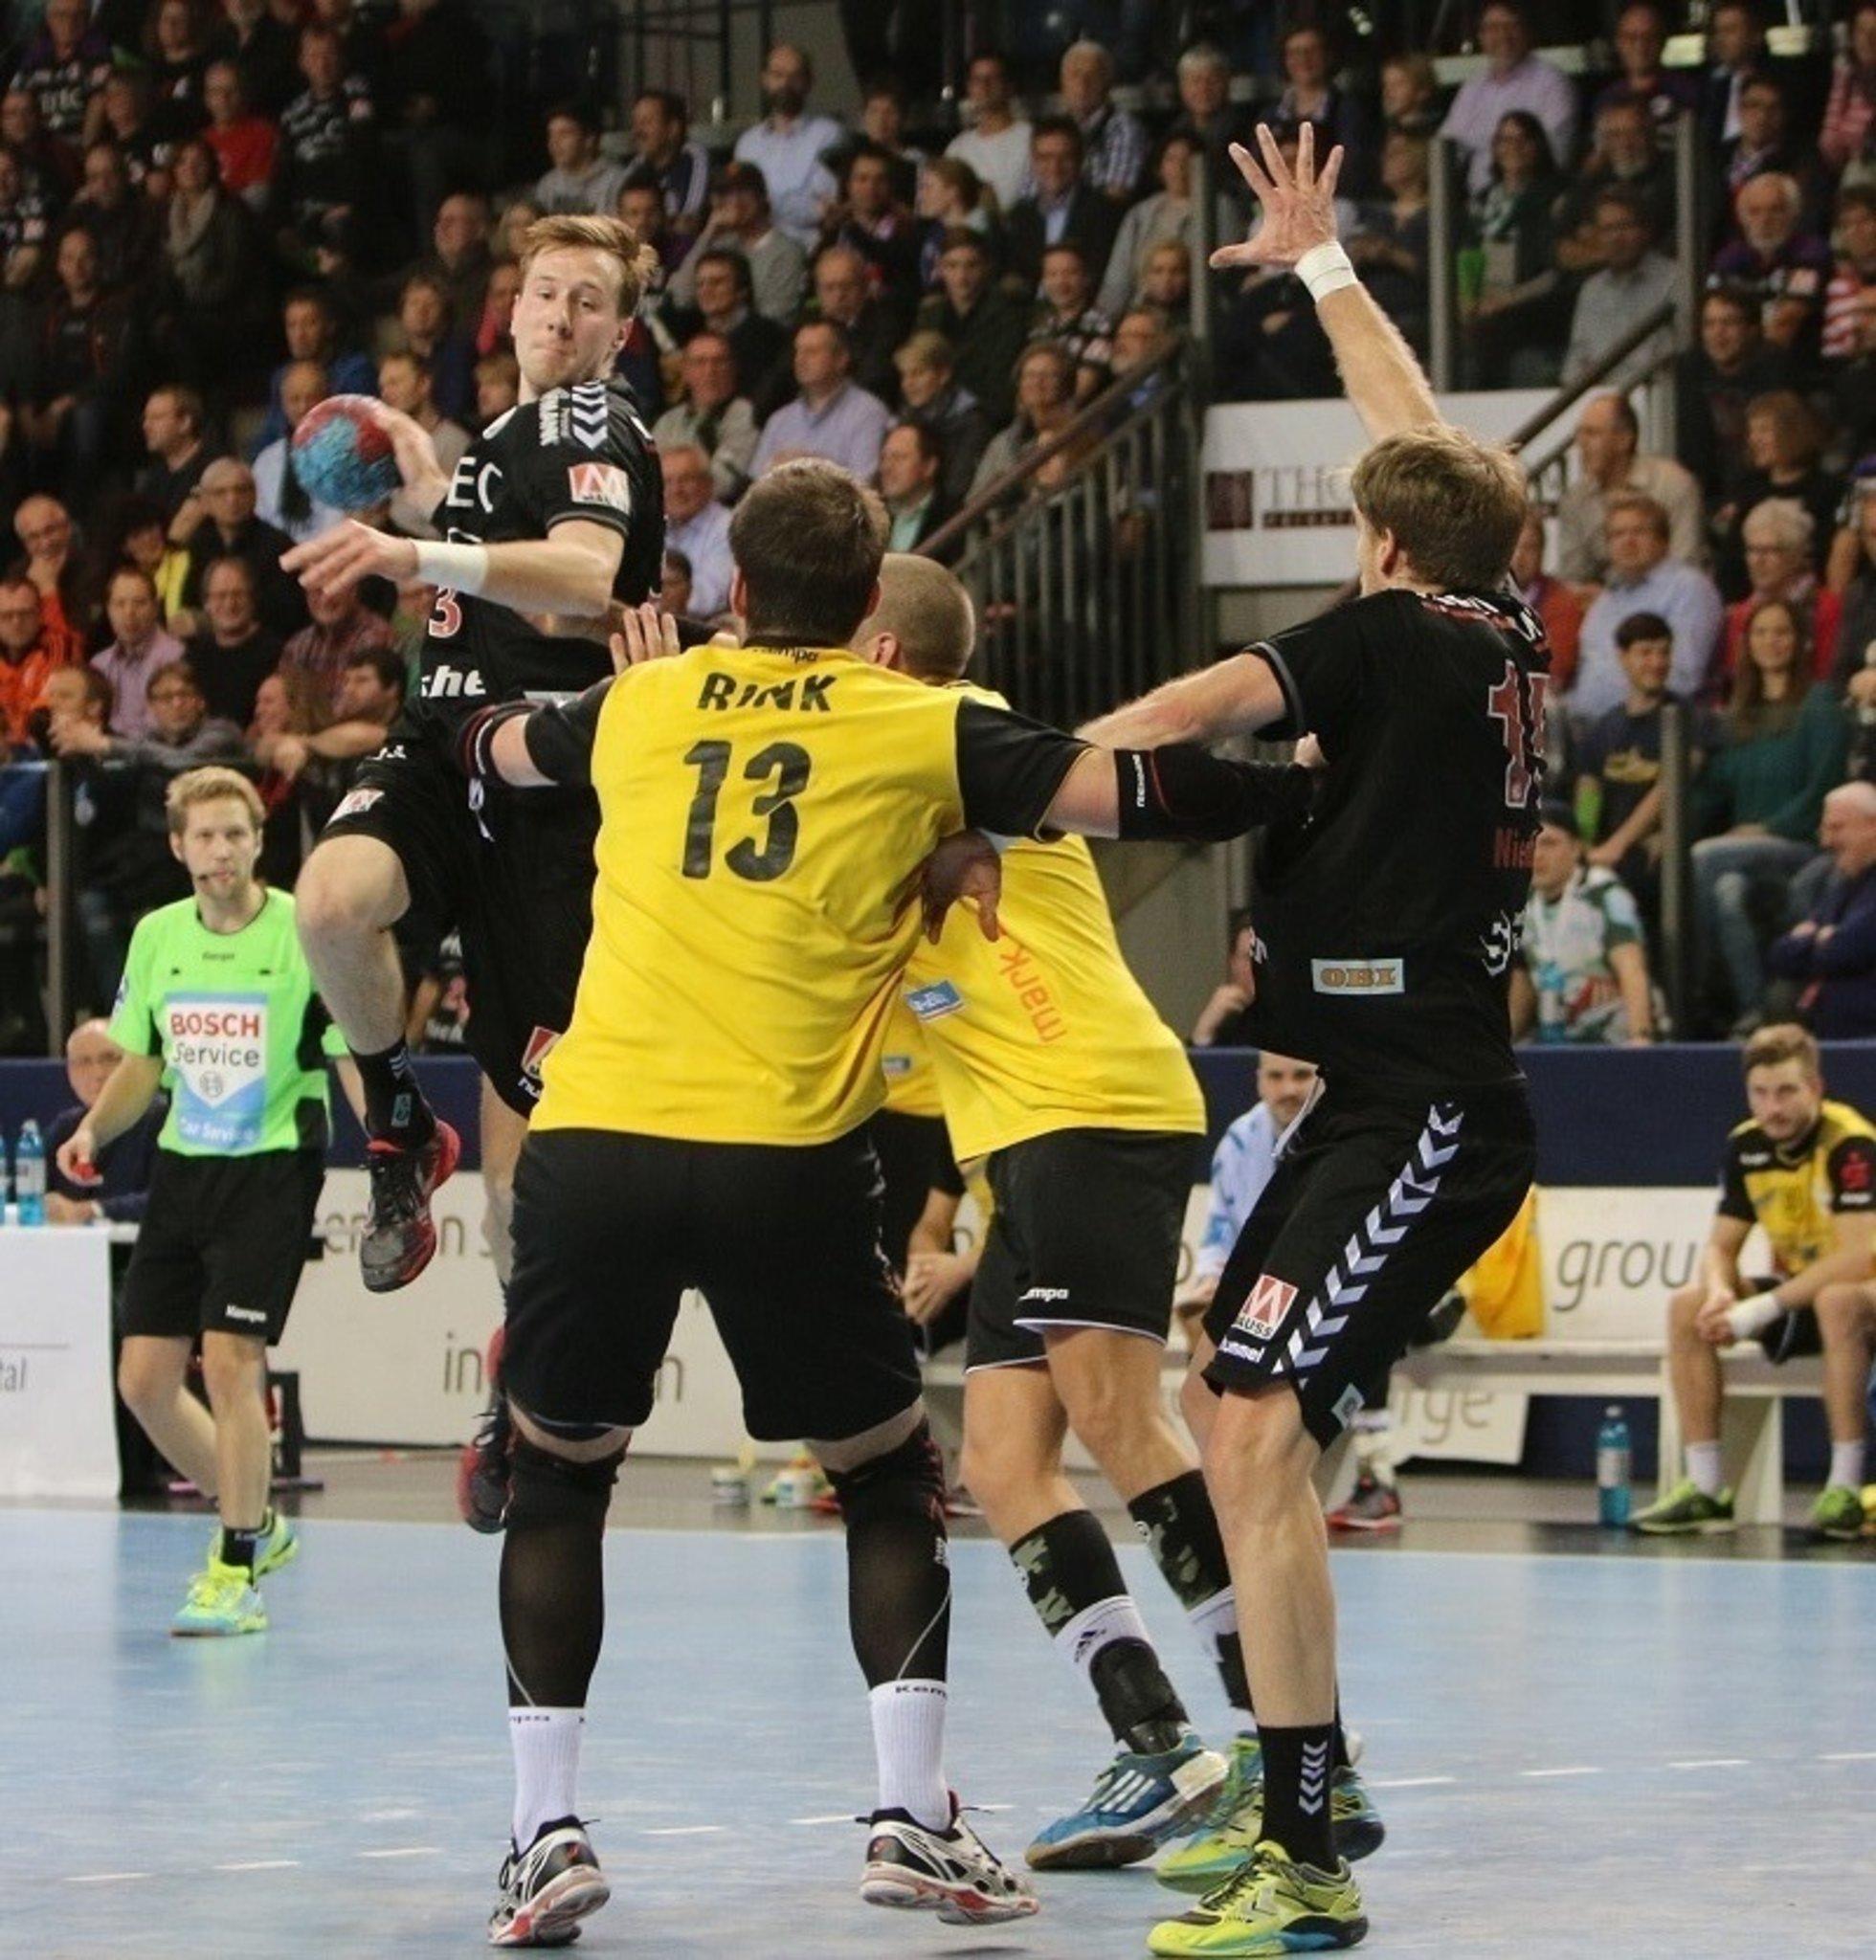 Hc Erlangen Handball